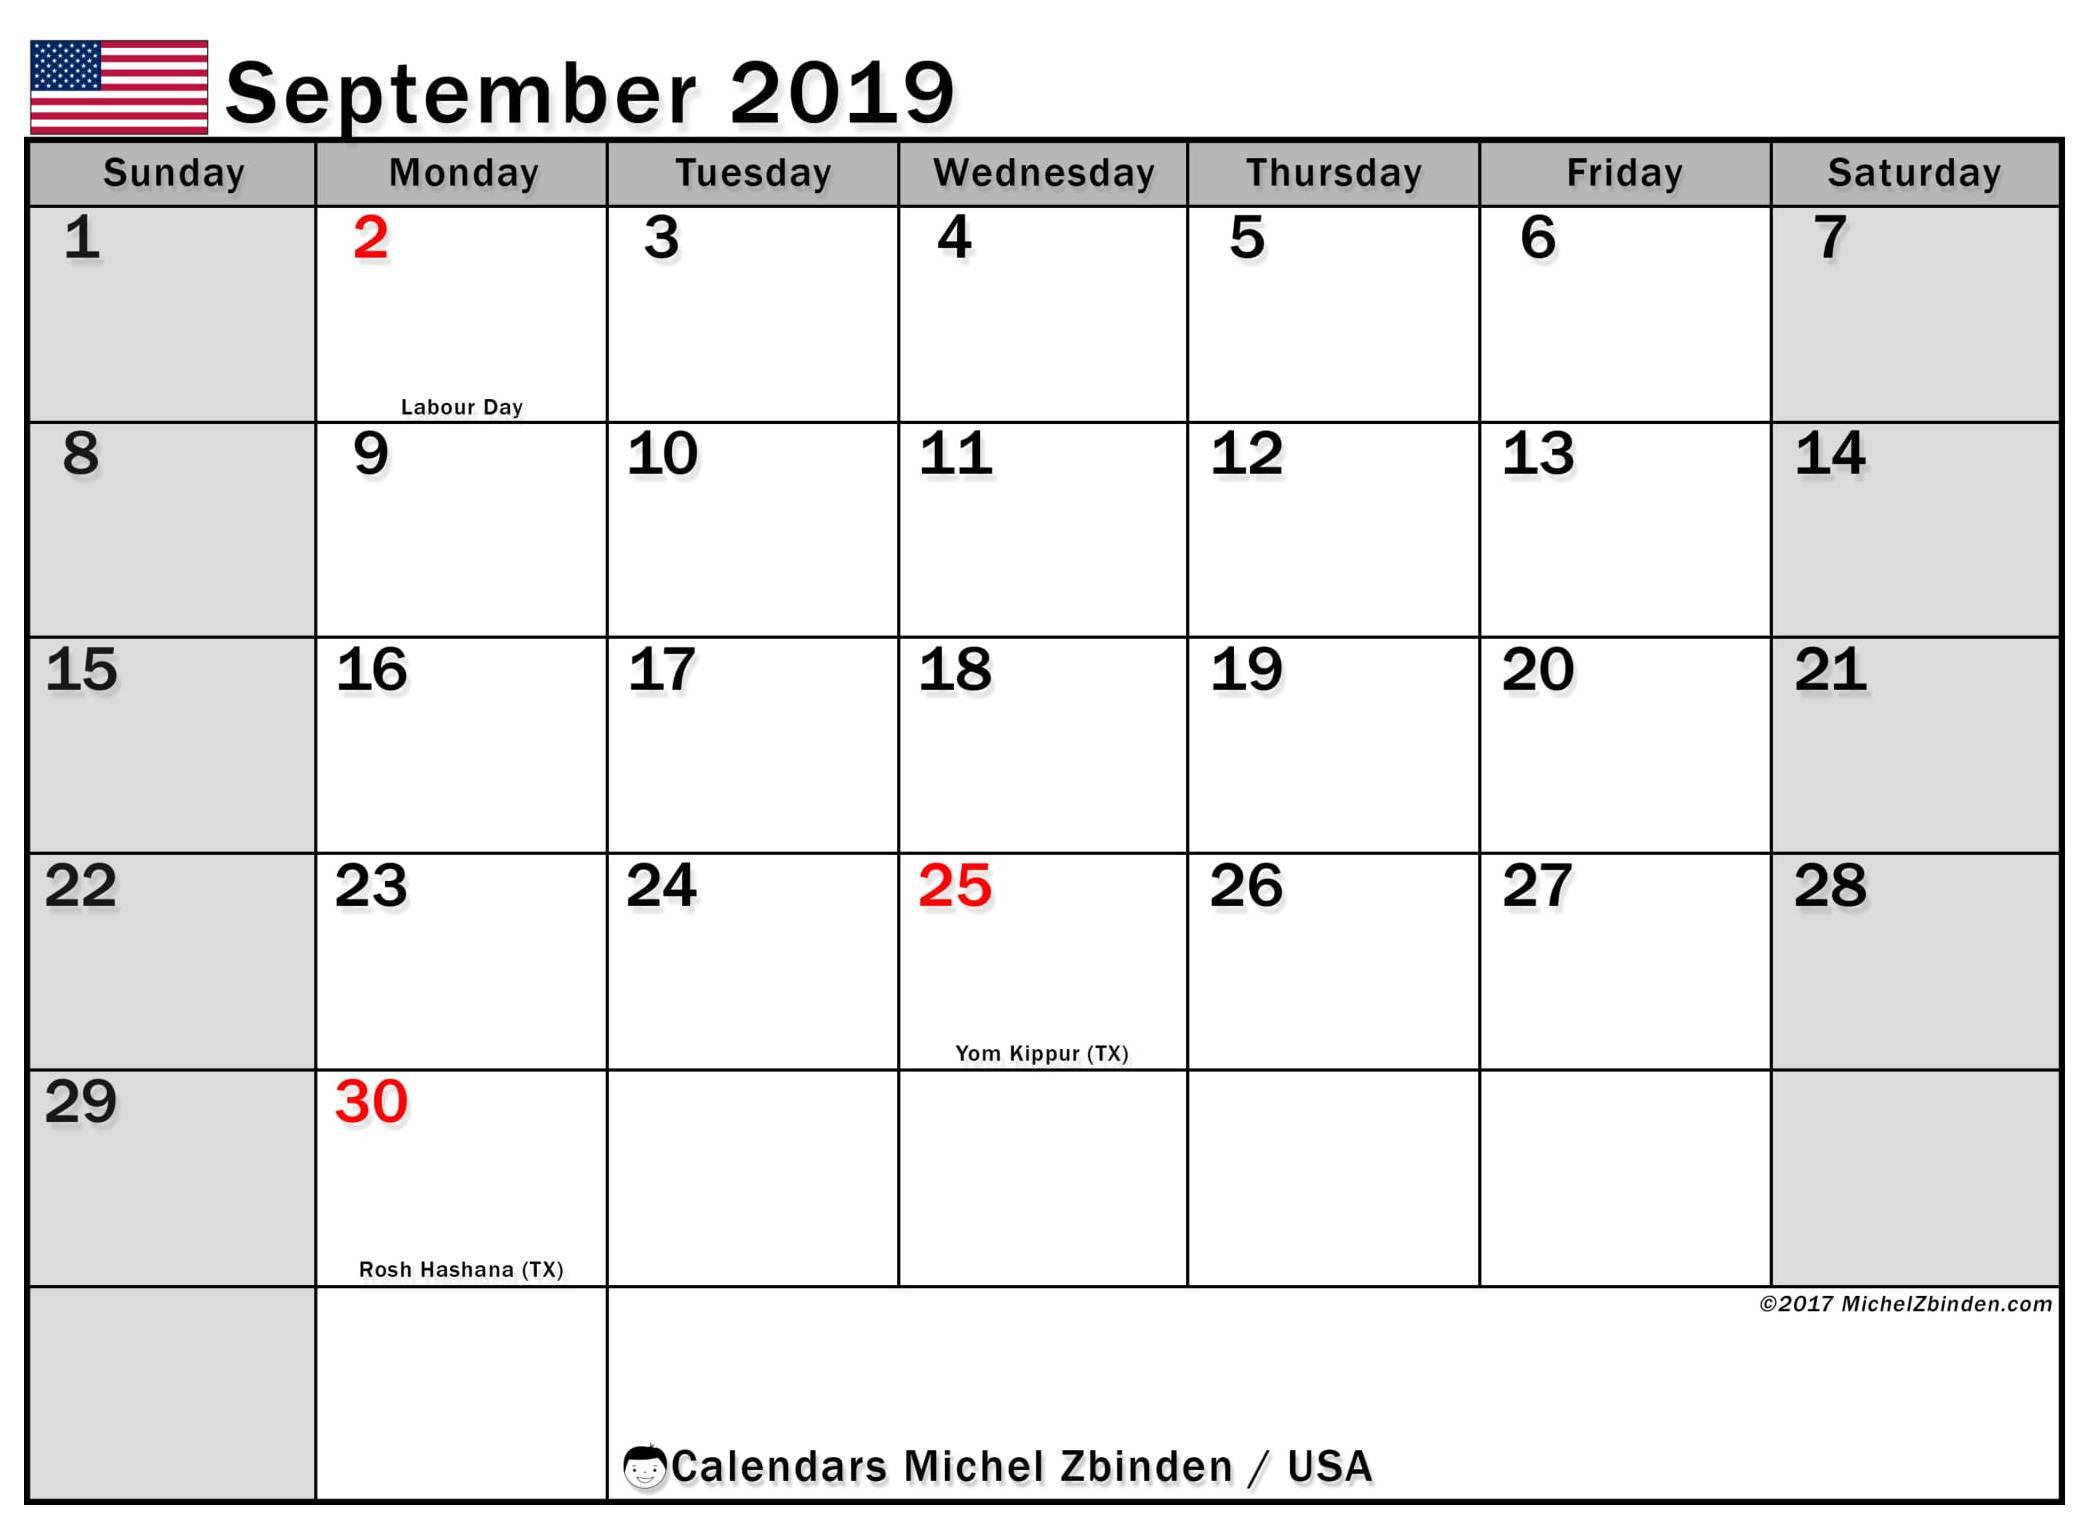 September 2019 Calendar USA